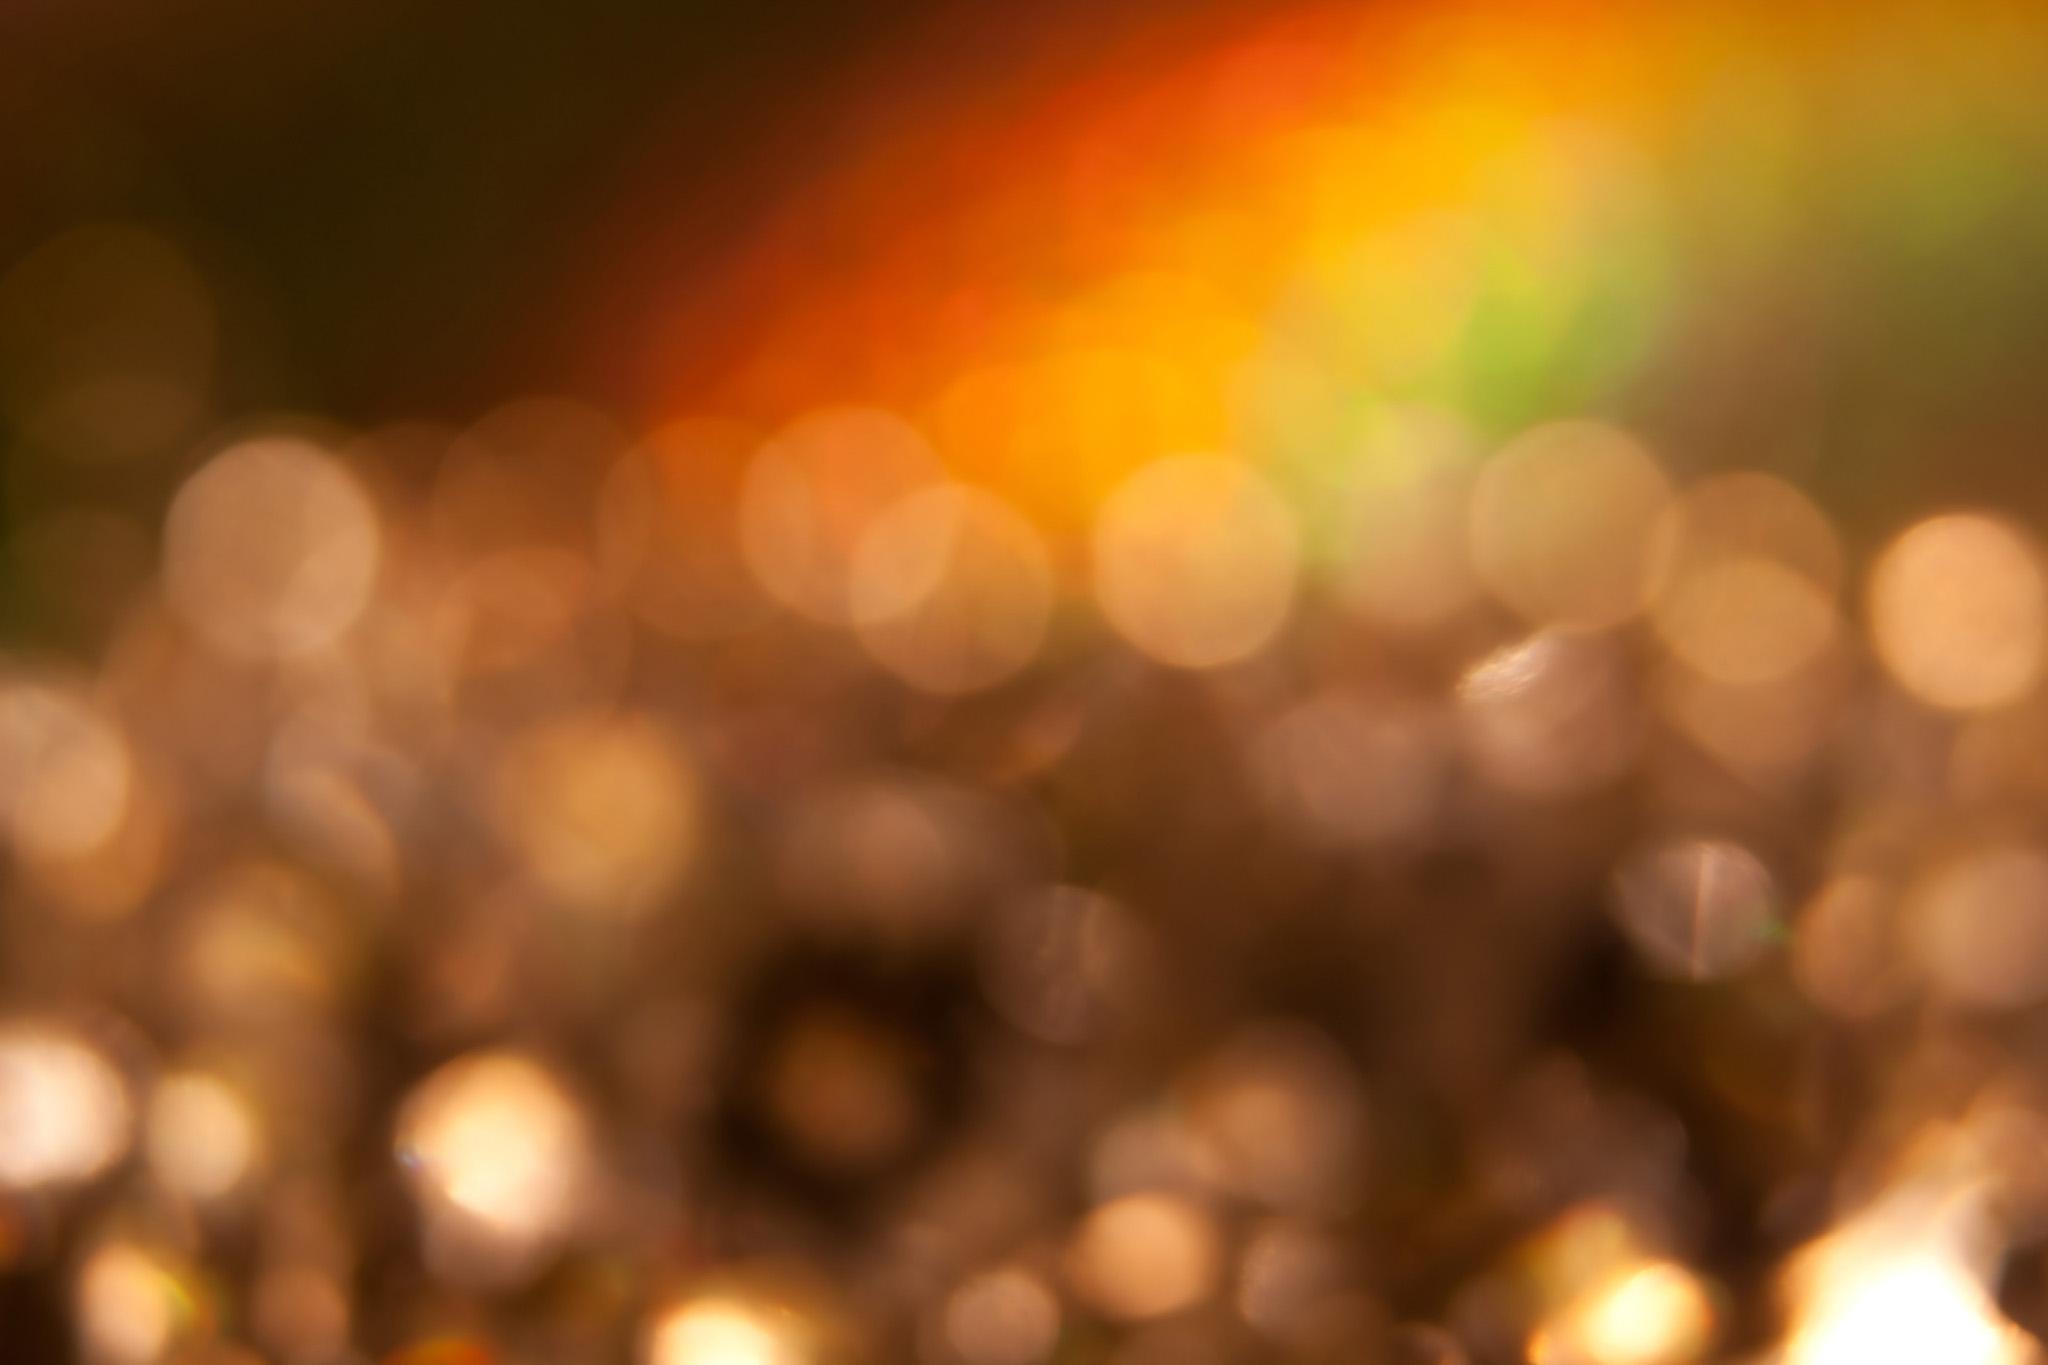 「キラキラの光の玉」